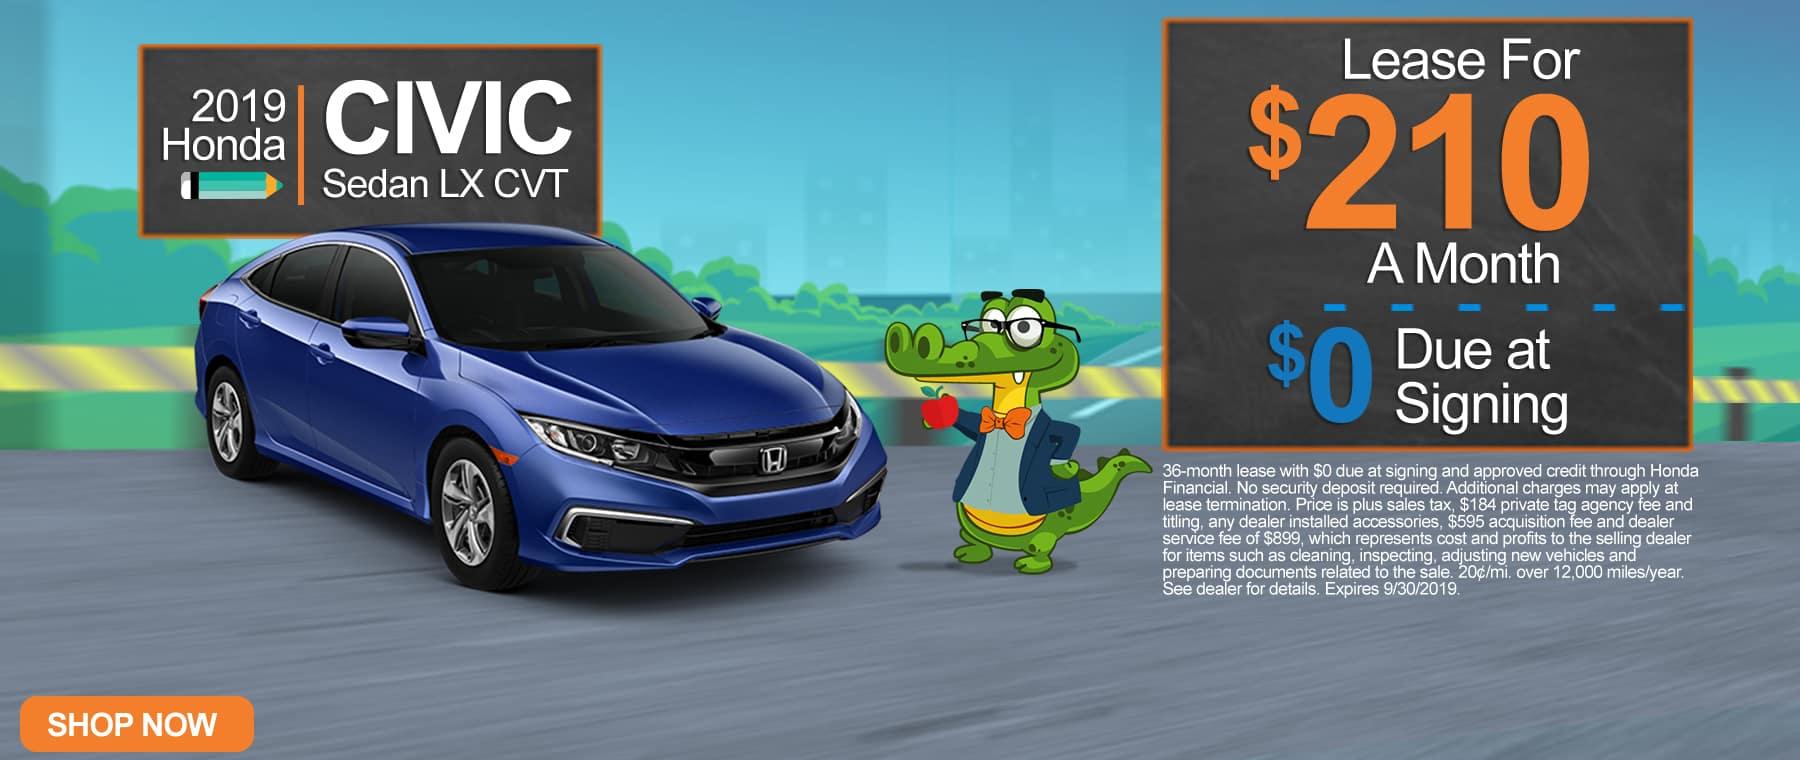 New 2019 Honda Civic Sedan LX CVT | $210 A Month | $0 Due At Signing